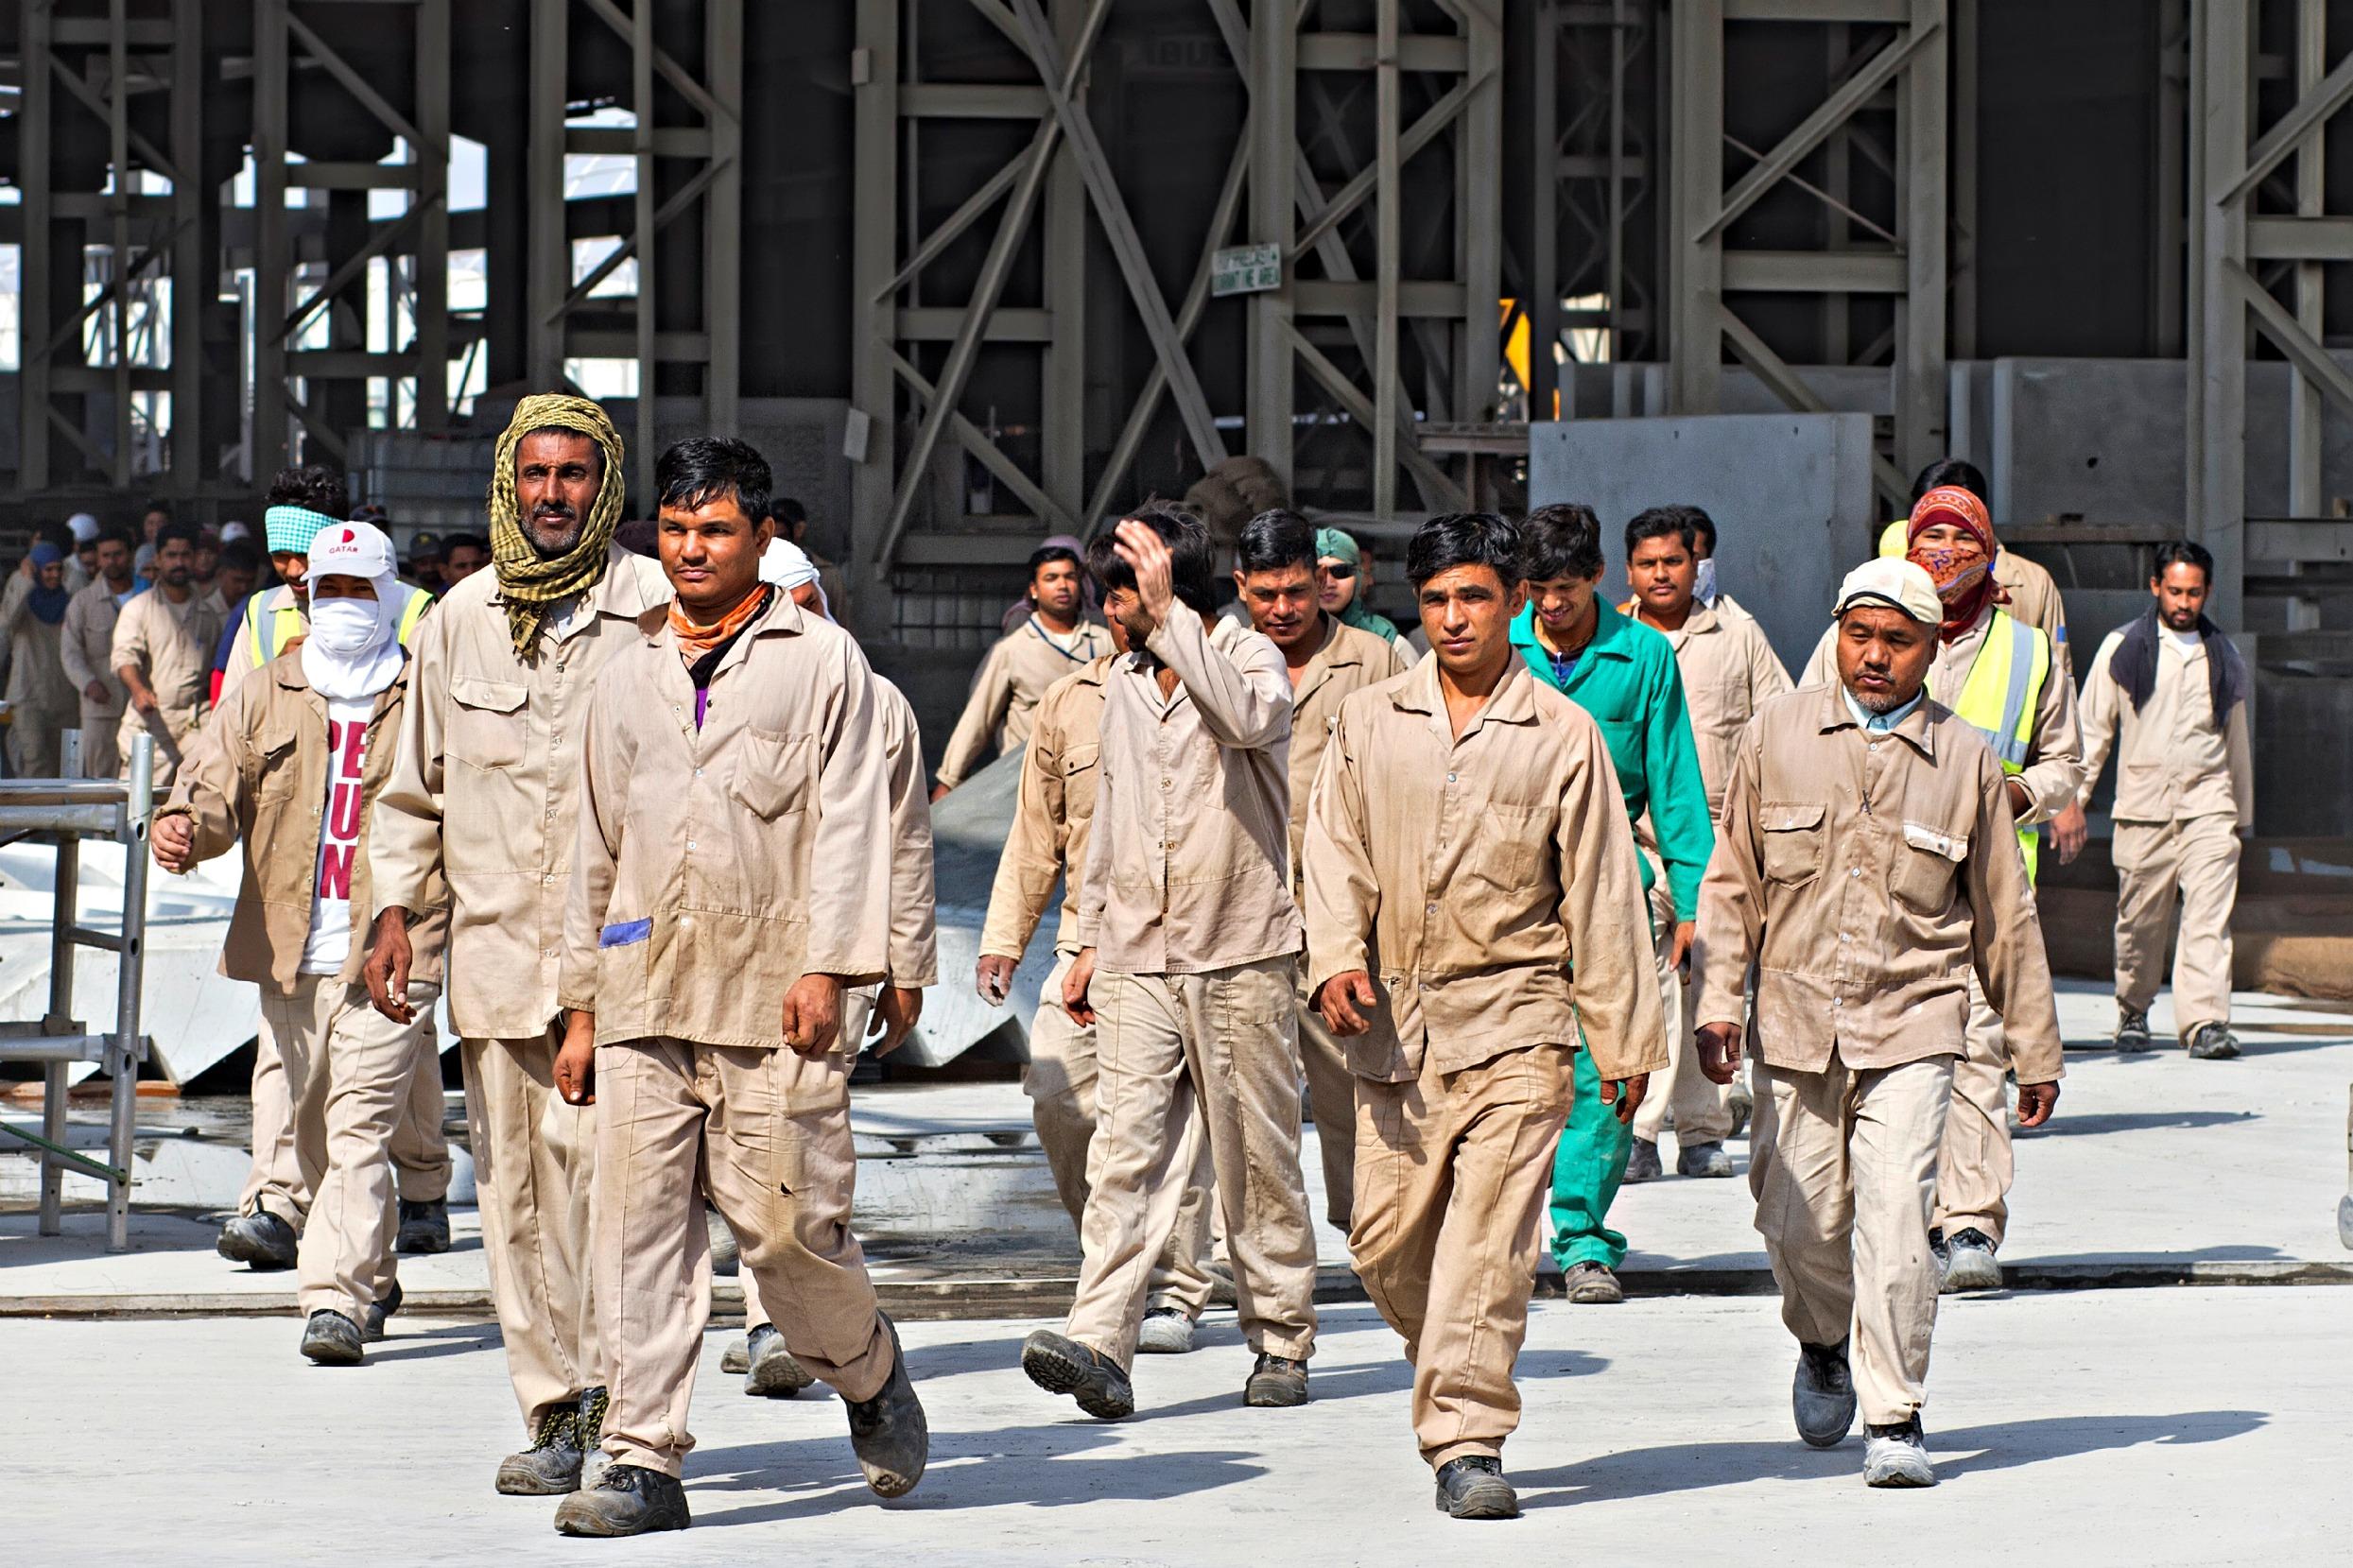 Petrol zengini Katar'da 2022 Dünya Kupası için zorla çalıştırma